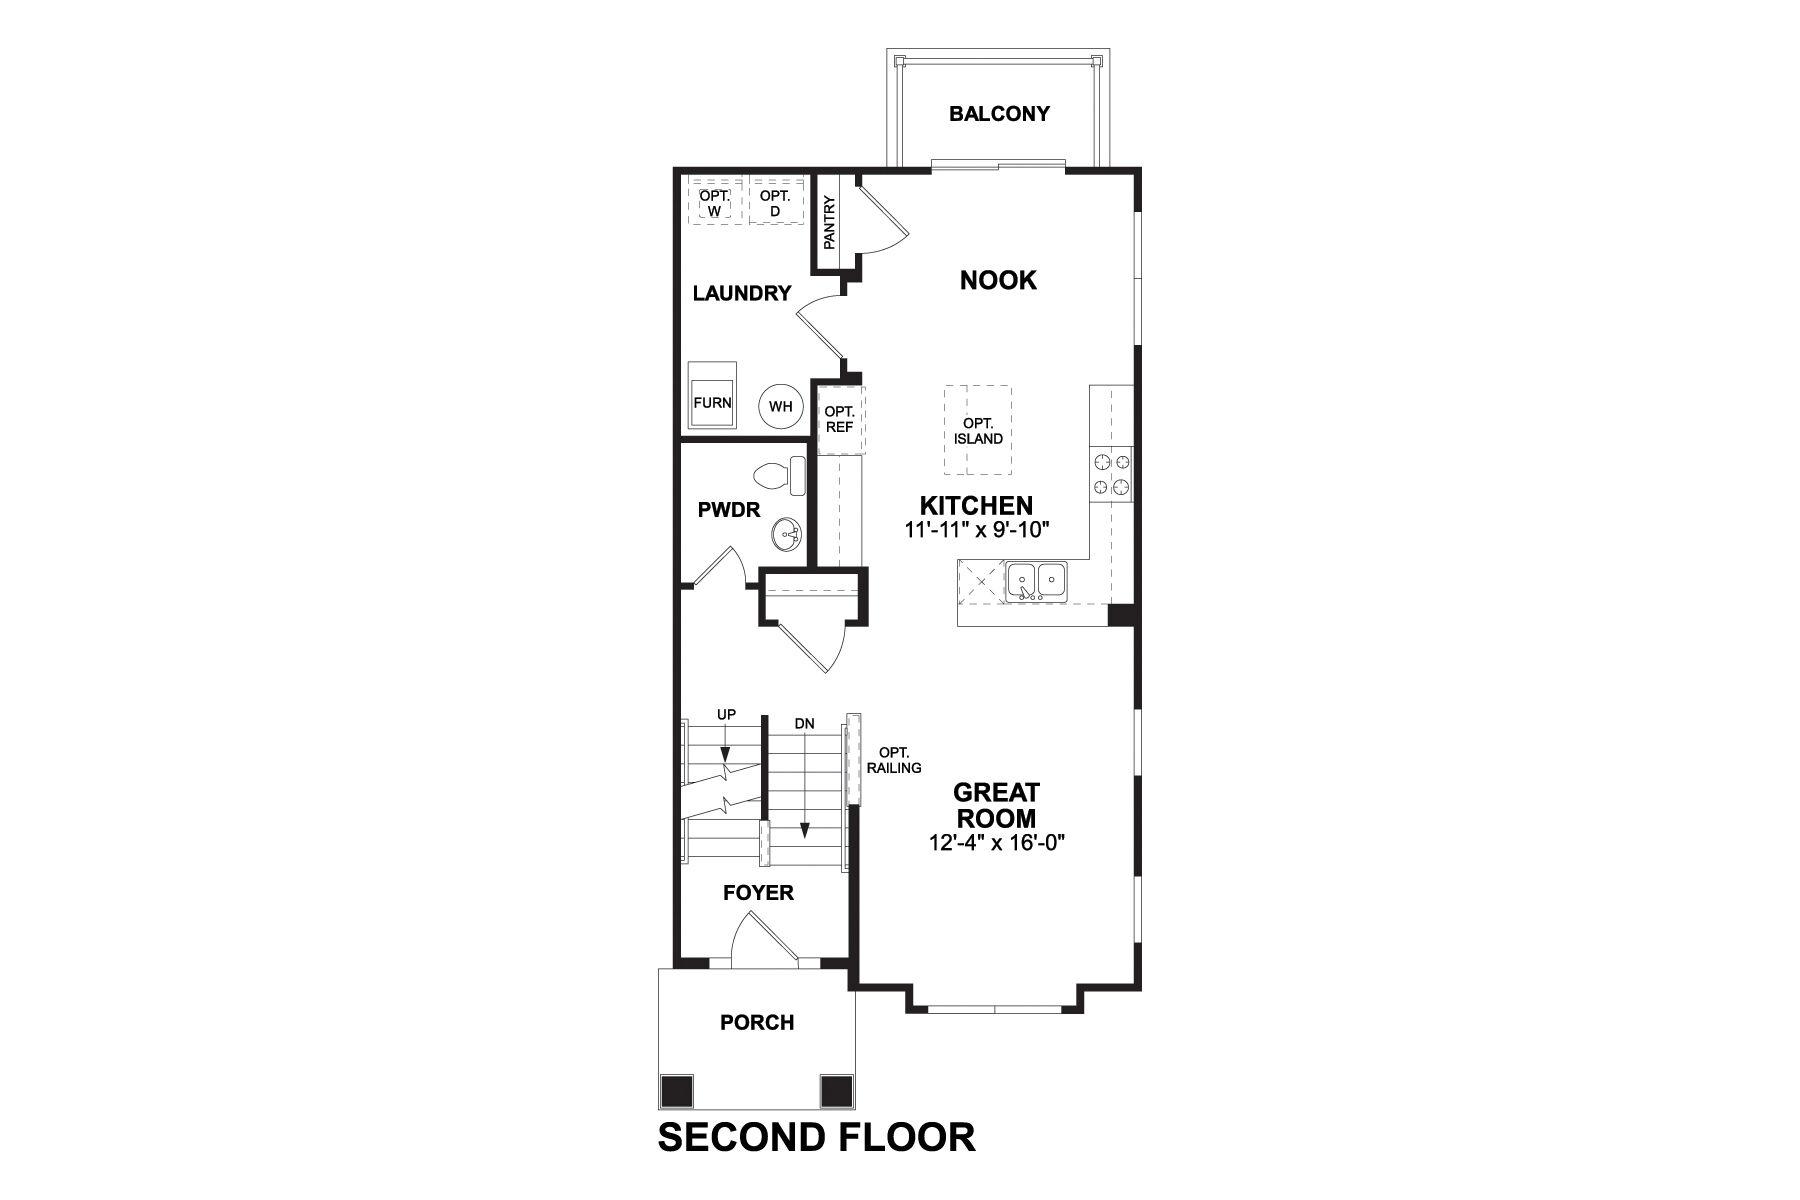 Aria Second Floor